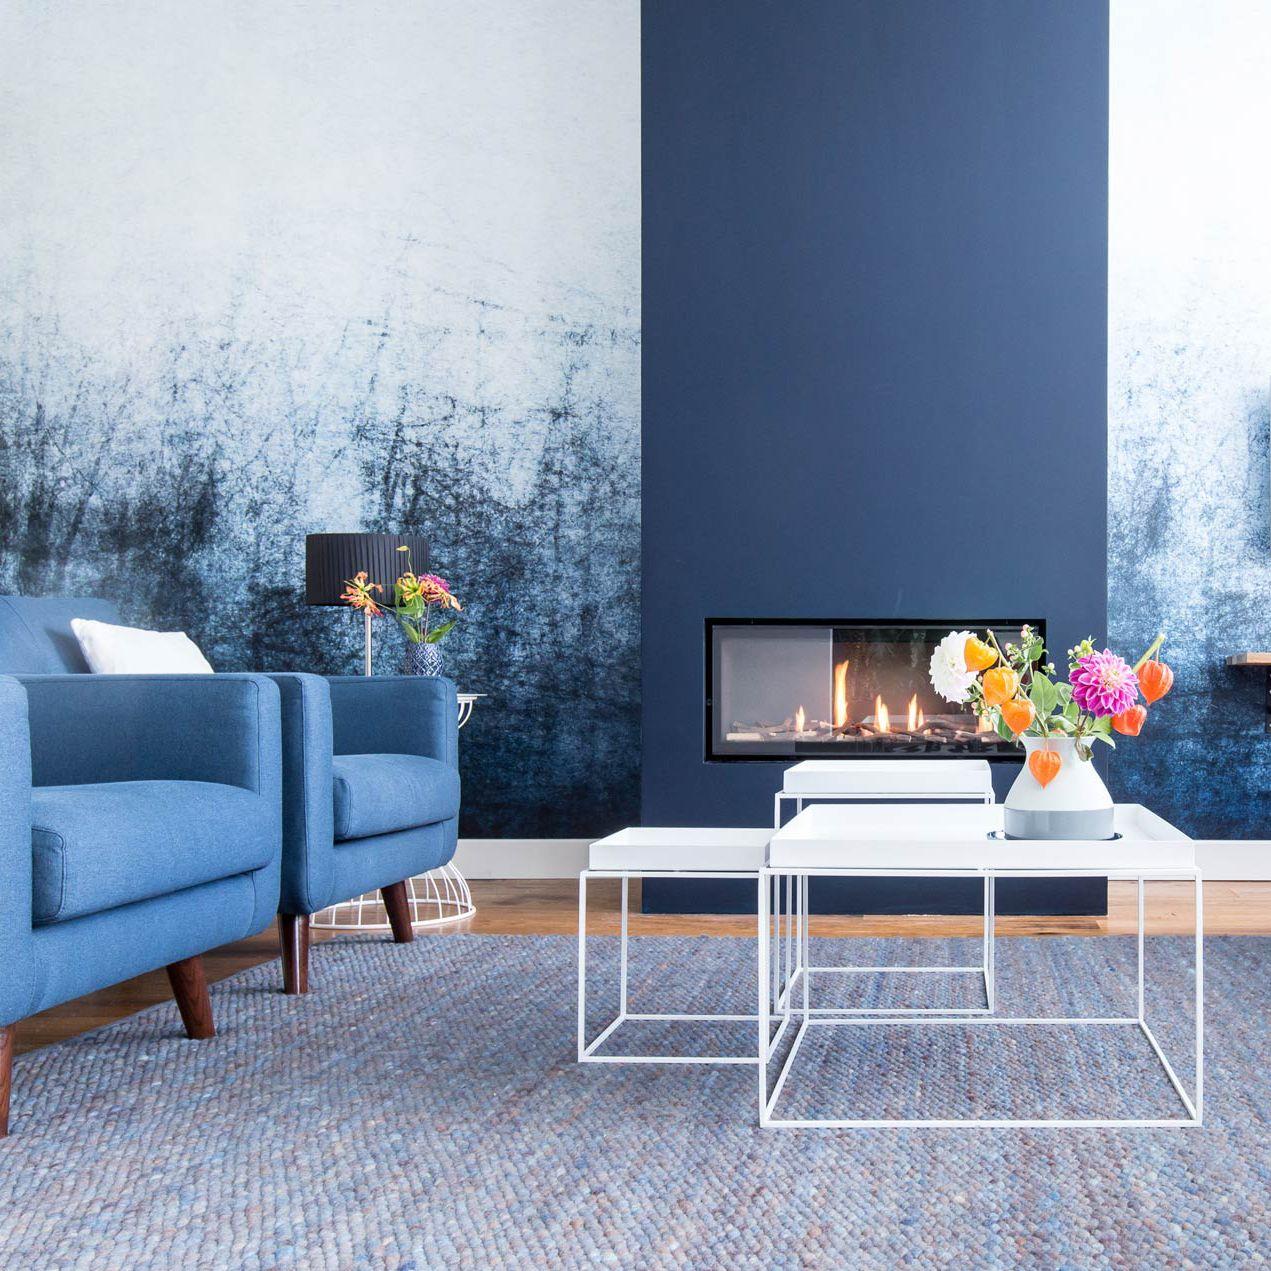 Gaaf behang | De blauwe woonkamer van Jochem en Danny uit aflevering ...